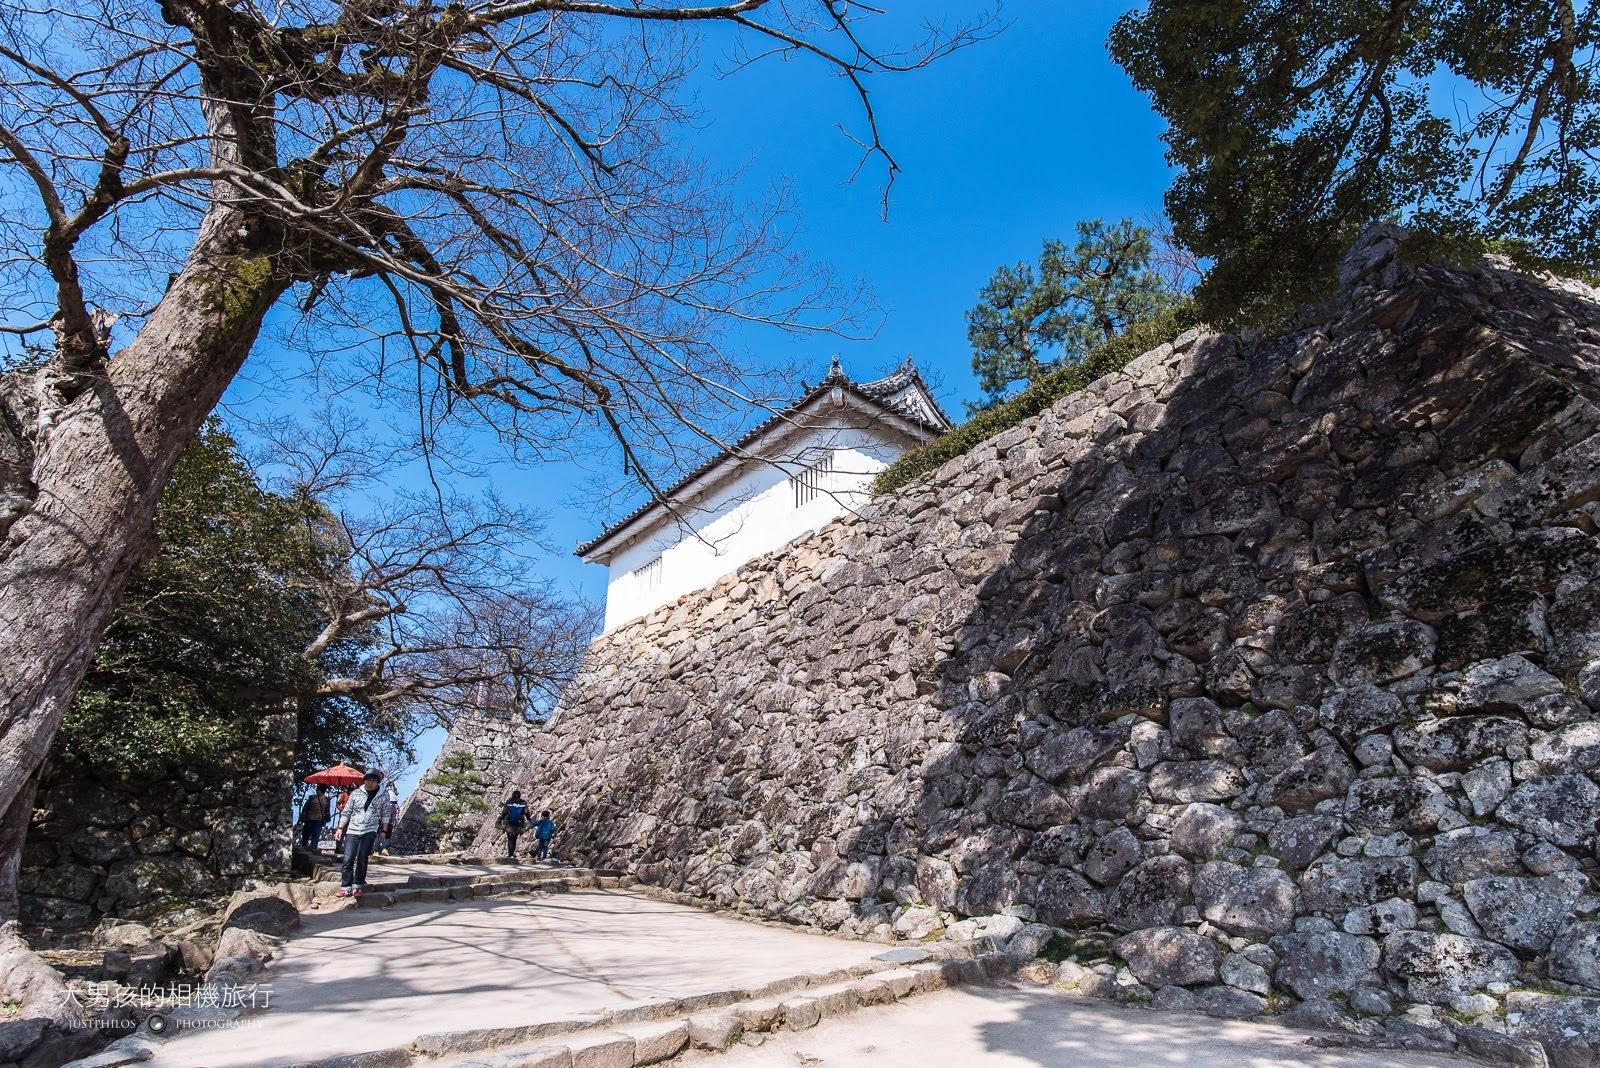 過了天秤櫓再走一小段上坡就可以到彥根城天守閣了。